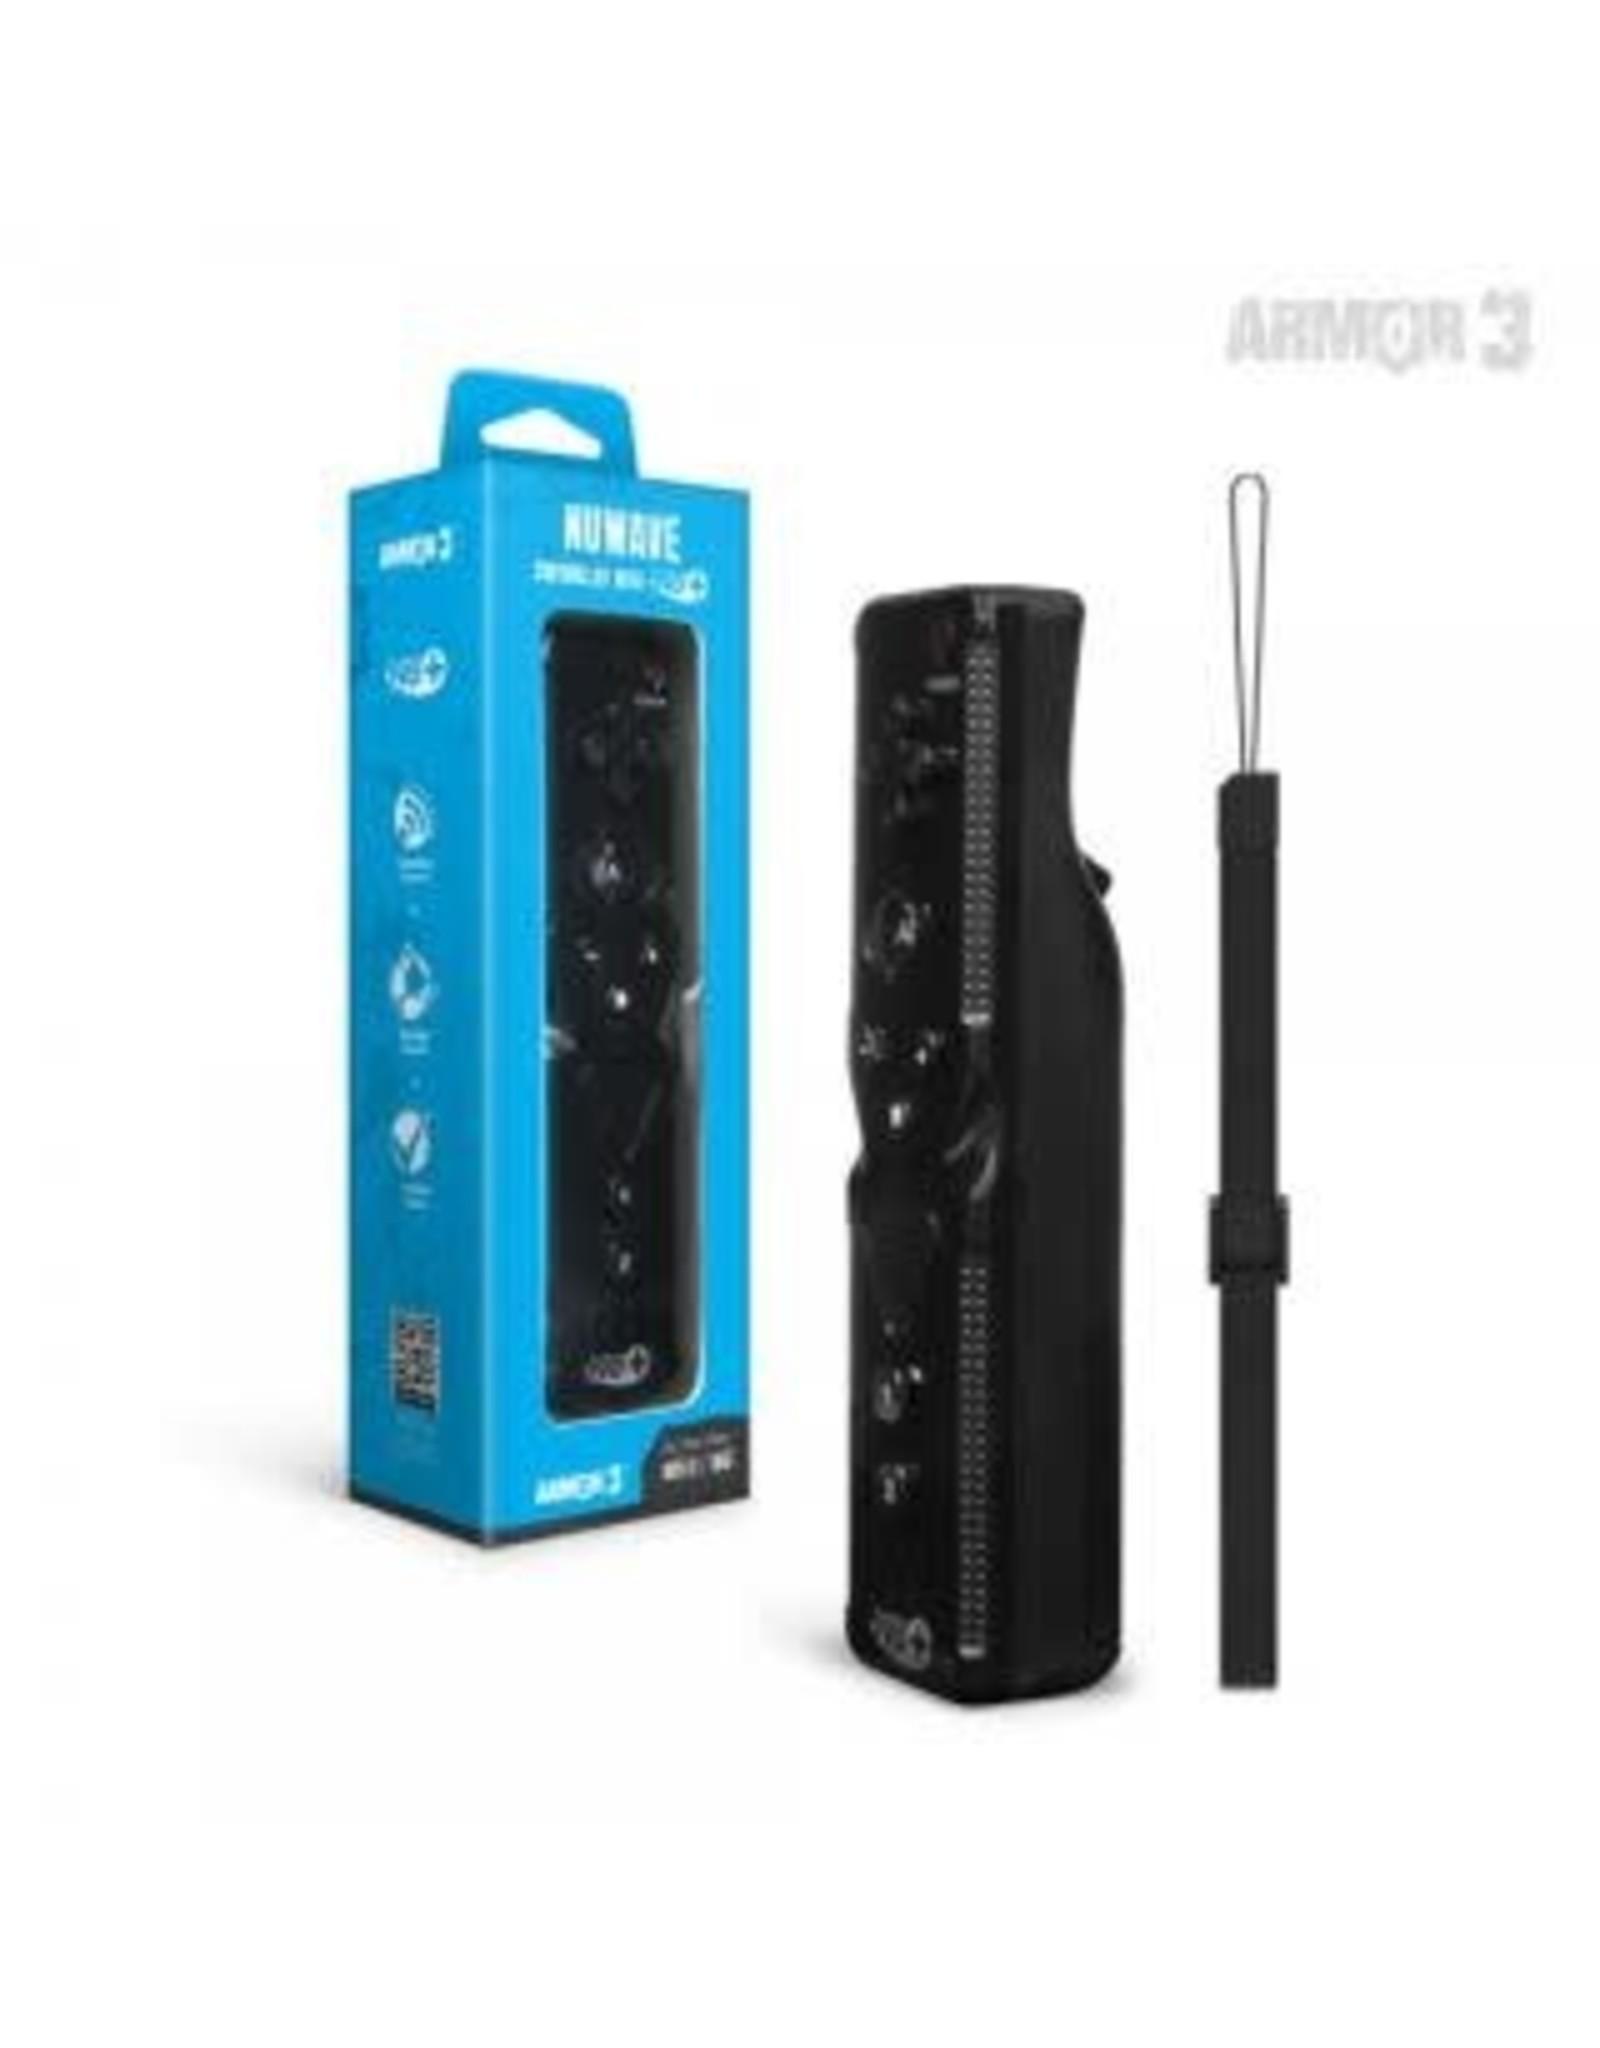 NuWave Controller for Wii U / Wii - Black